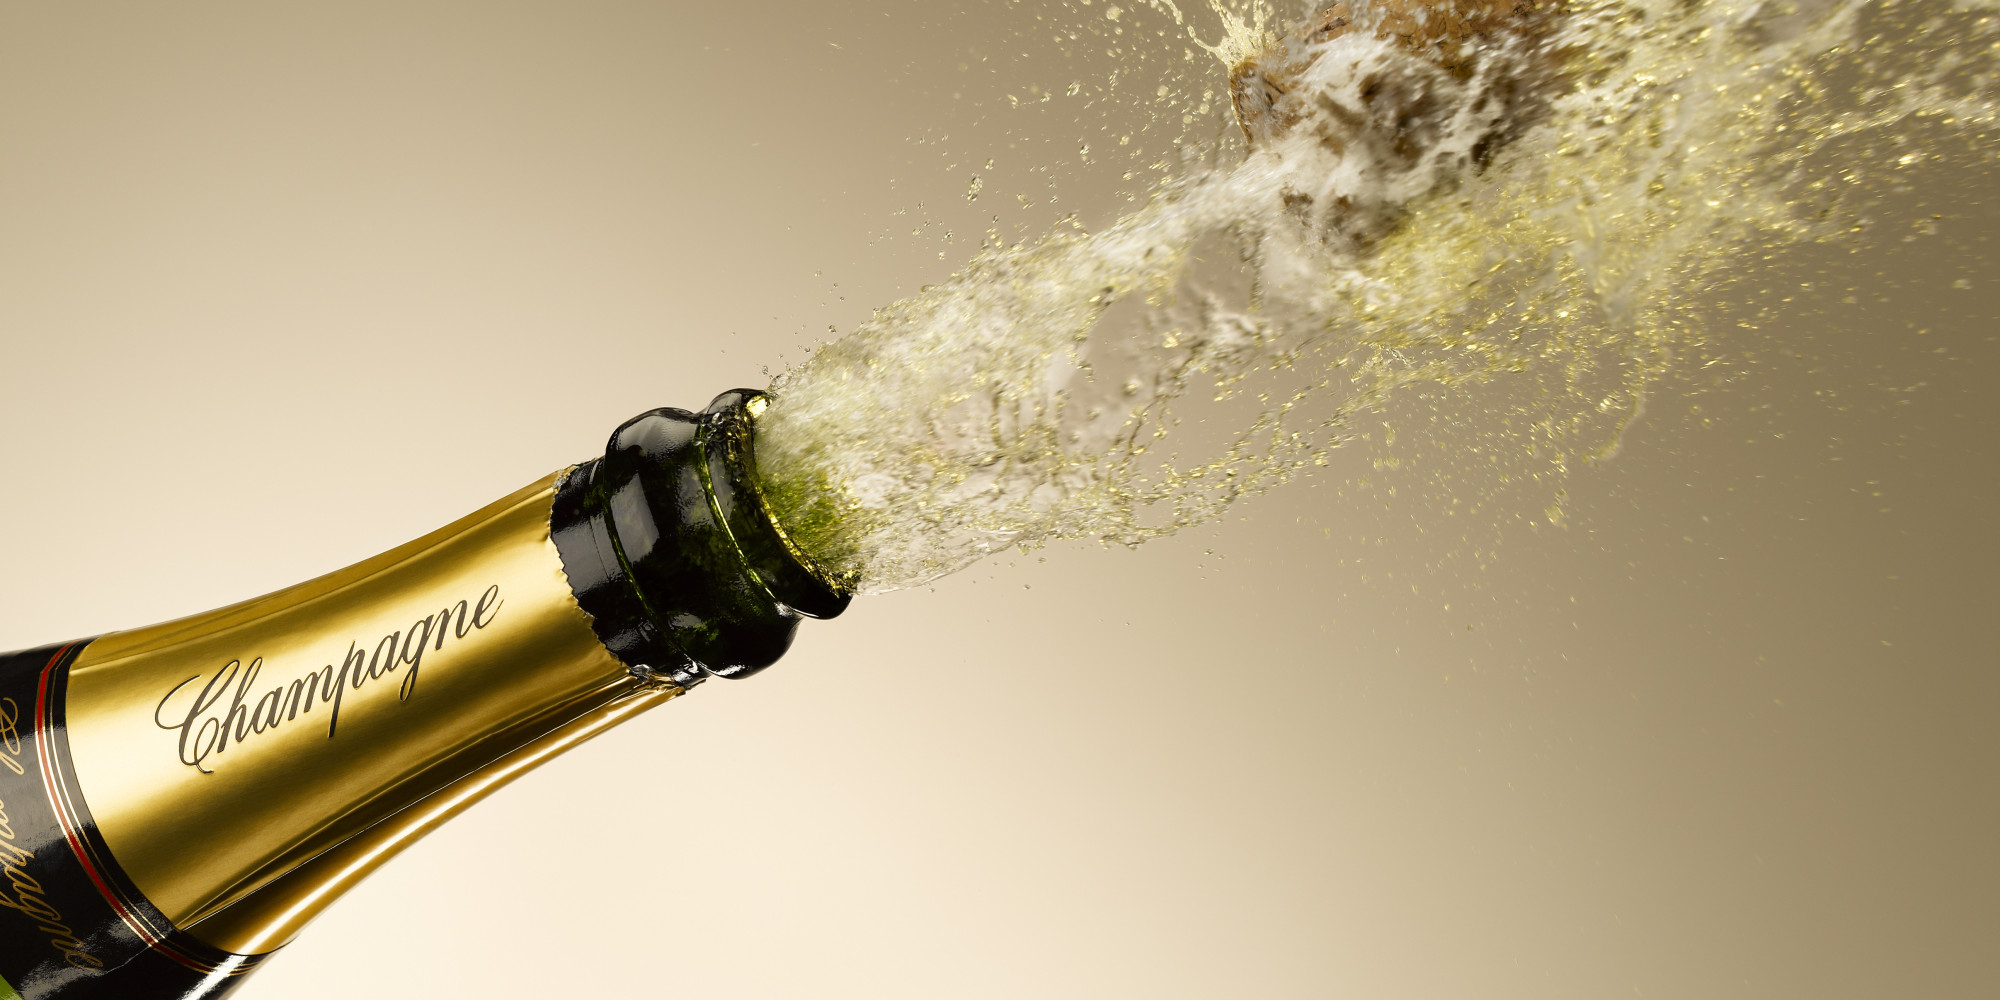 champagne jardin francais